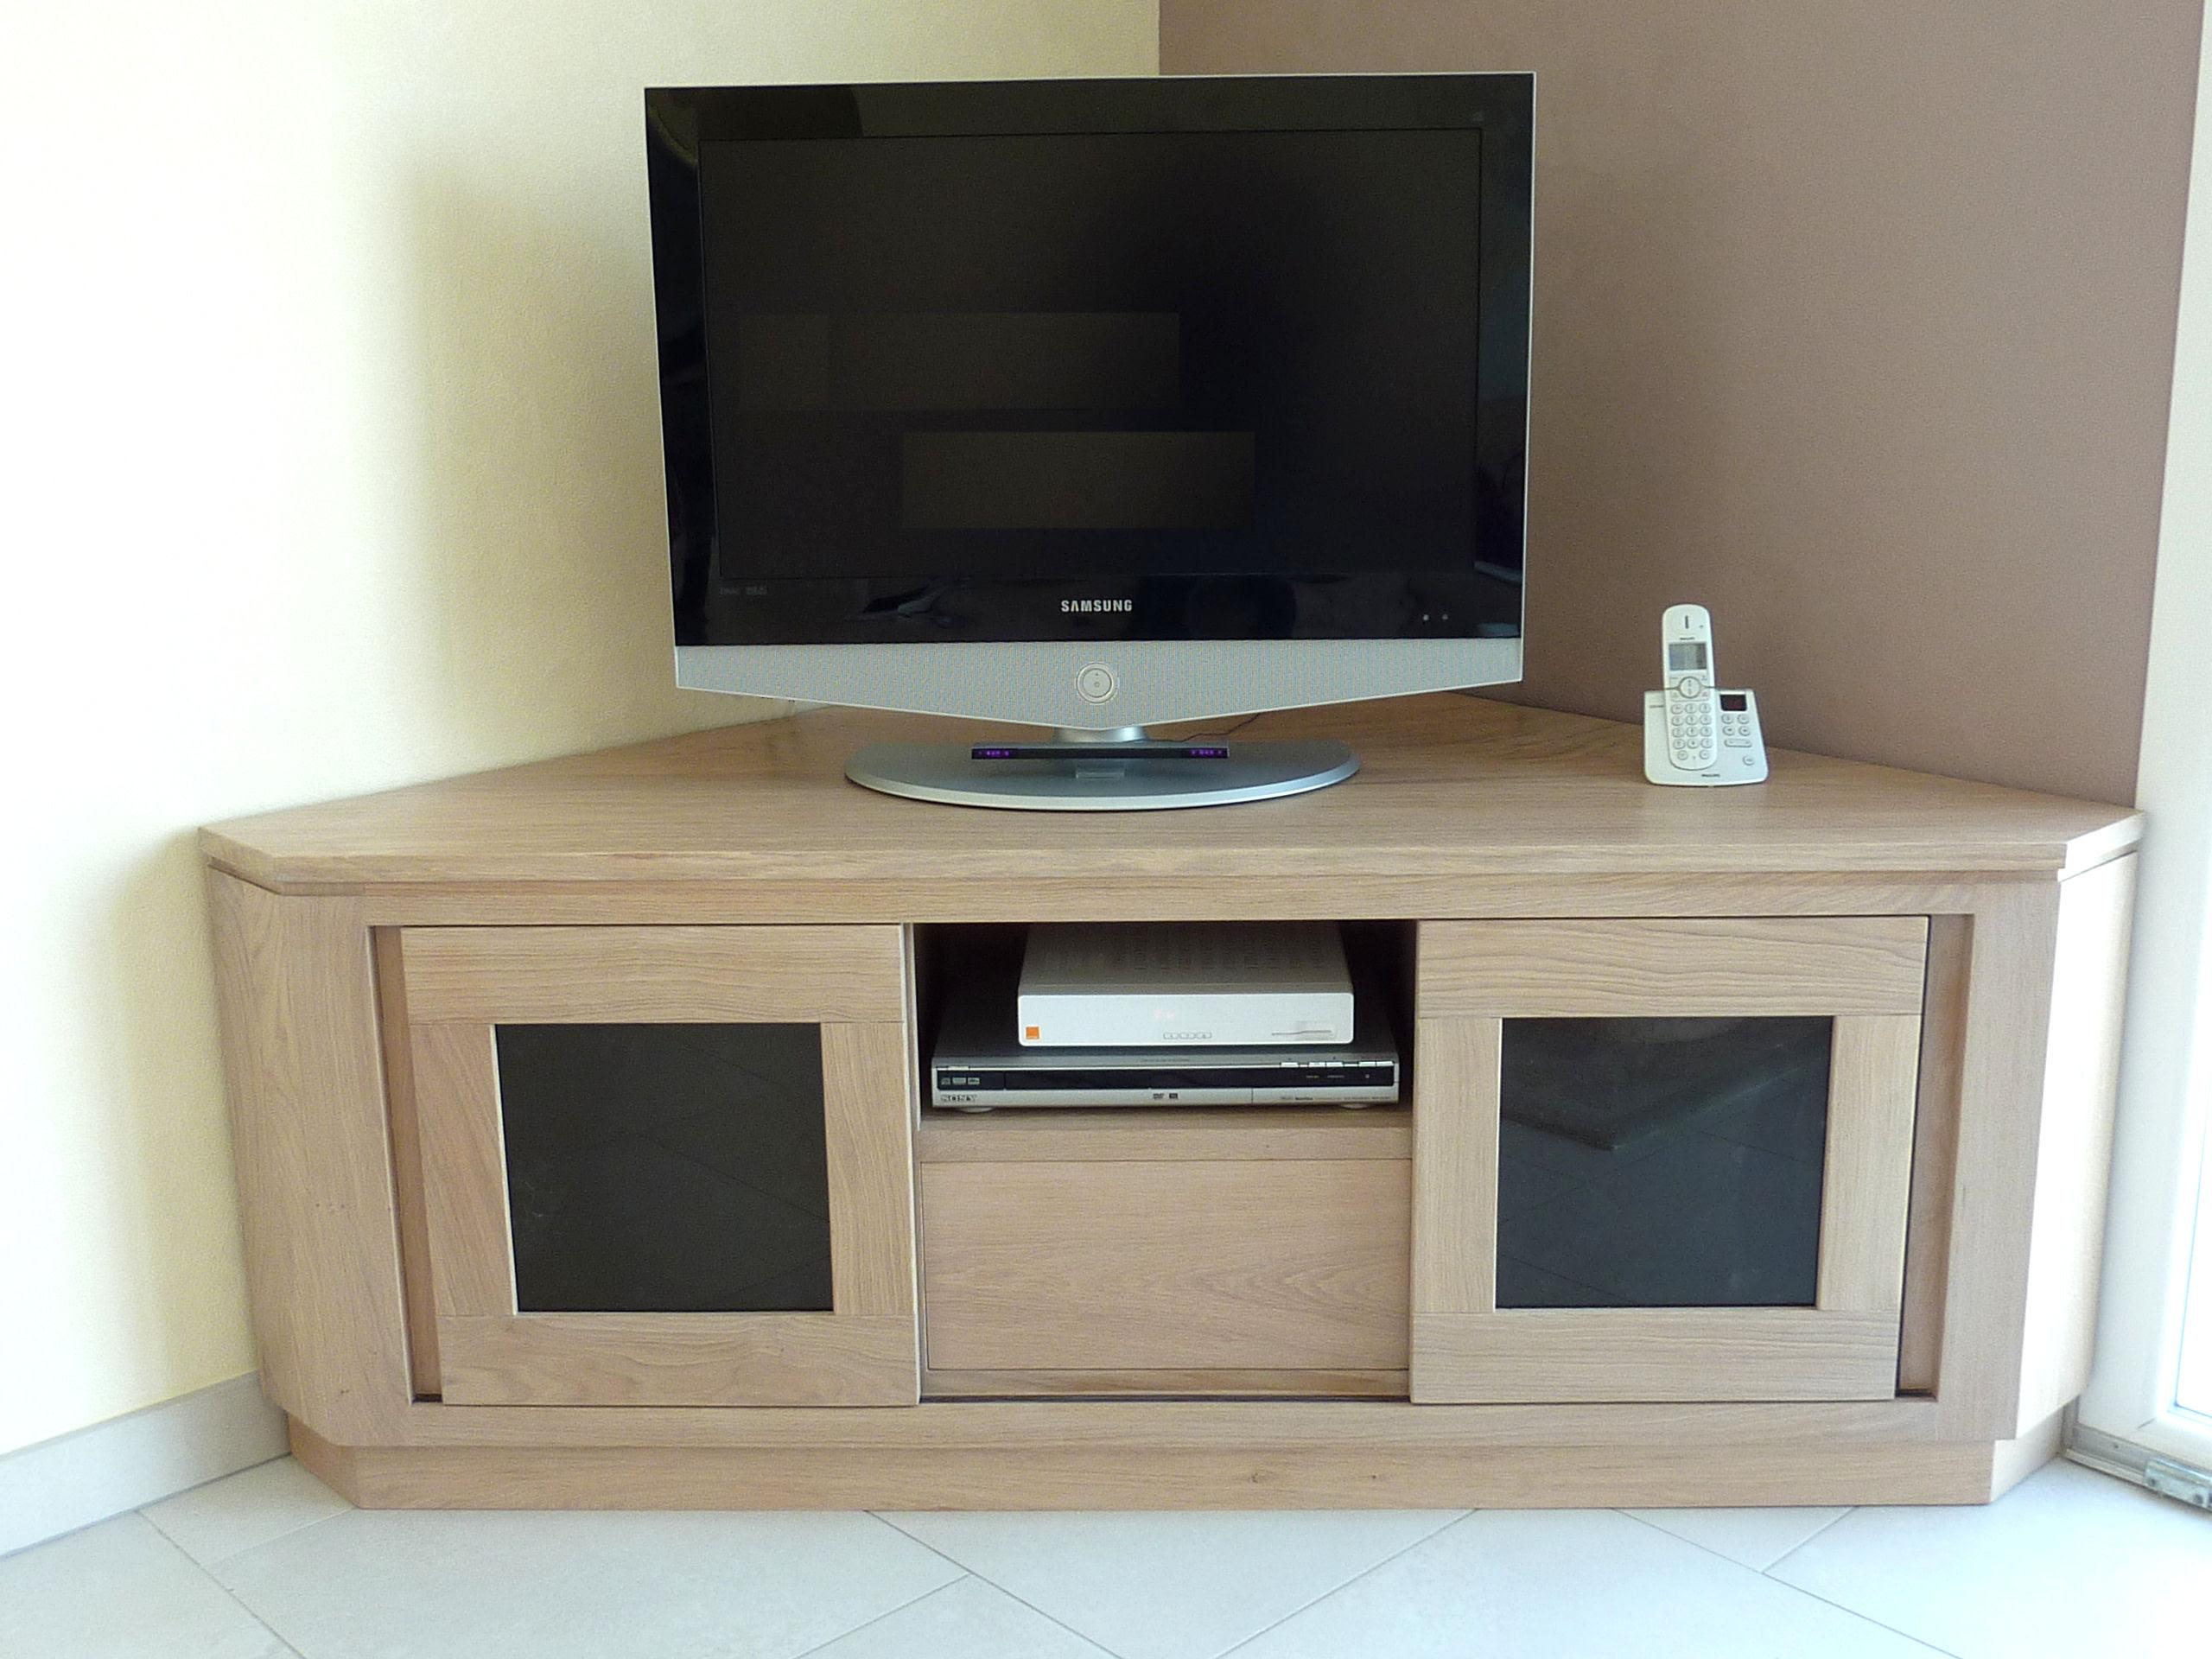 Meuble Haut D Angle Pour Tv les meubles: les meubles tele